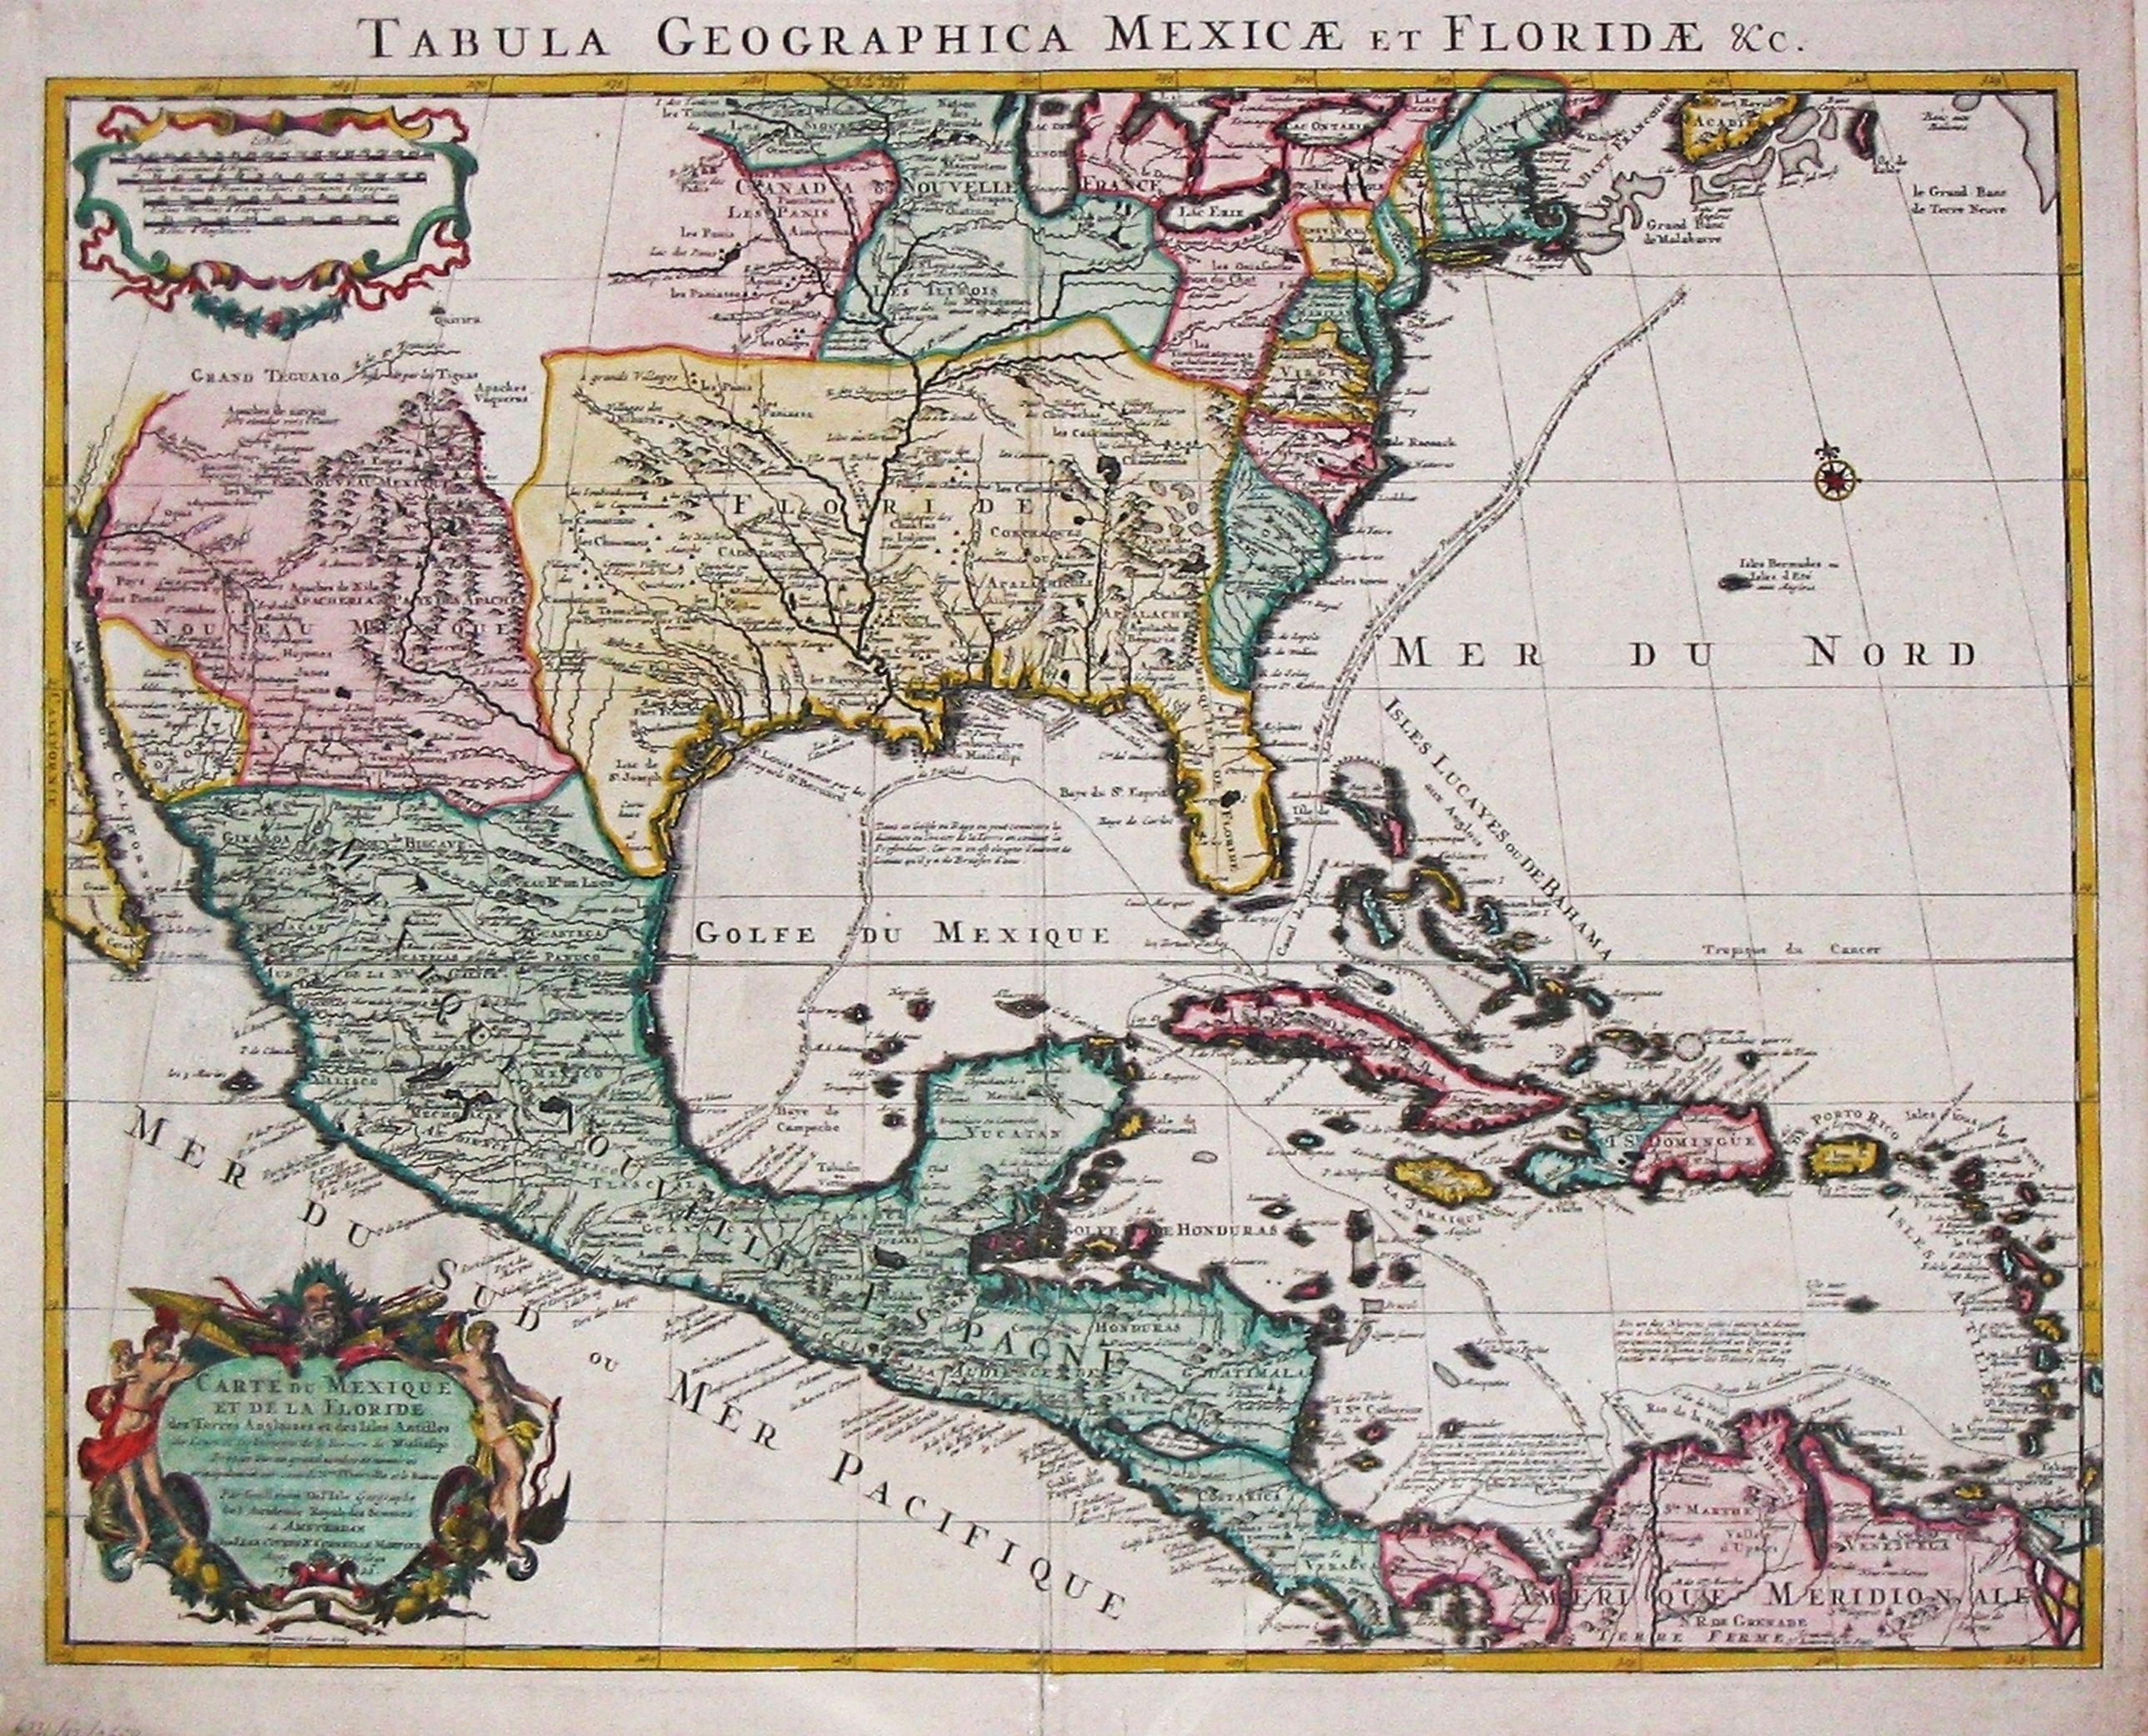 Covens, J. & C. Mortier. / G. de l' Isle. - Tabula Geographica Mexicae et Floride des Terres Angloises et des Isles Antilles, du Cours et des Environs de la Riviere de Mississipi.